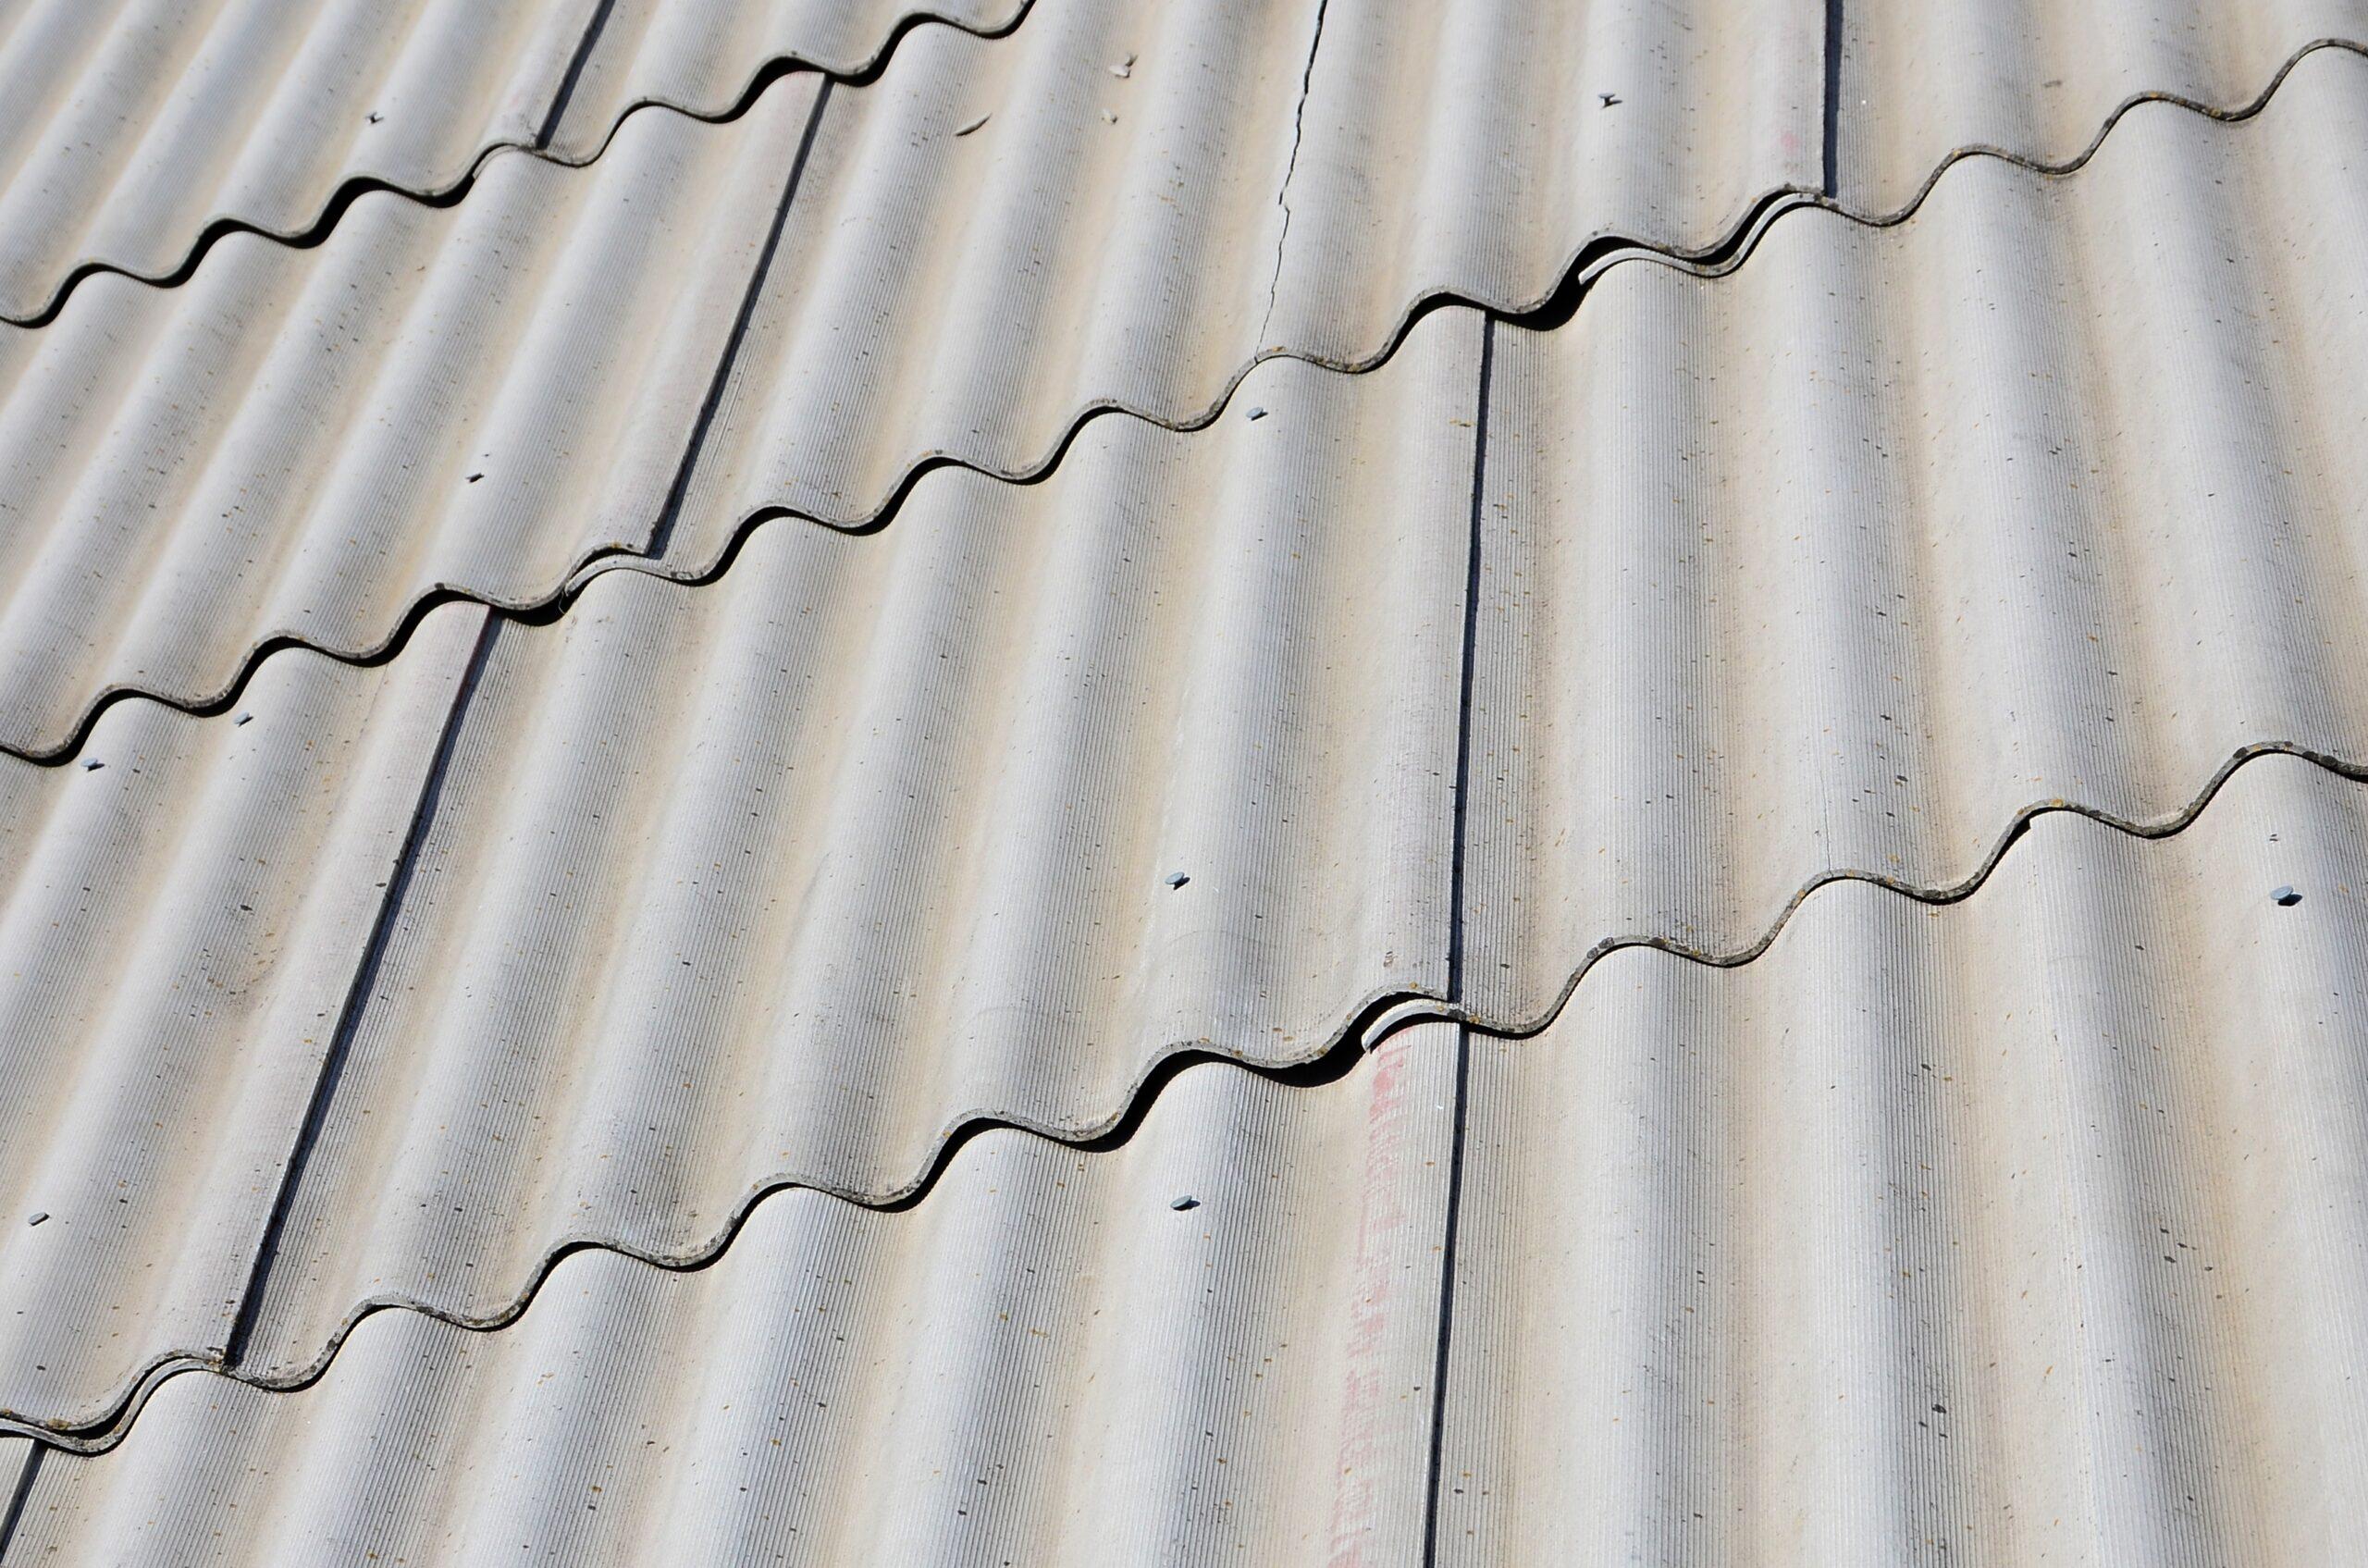 Tuile de fibro-ciment sur une toiture